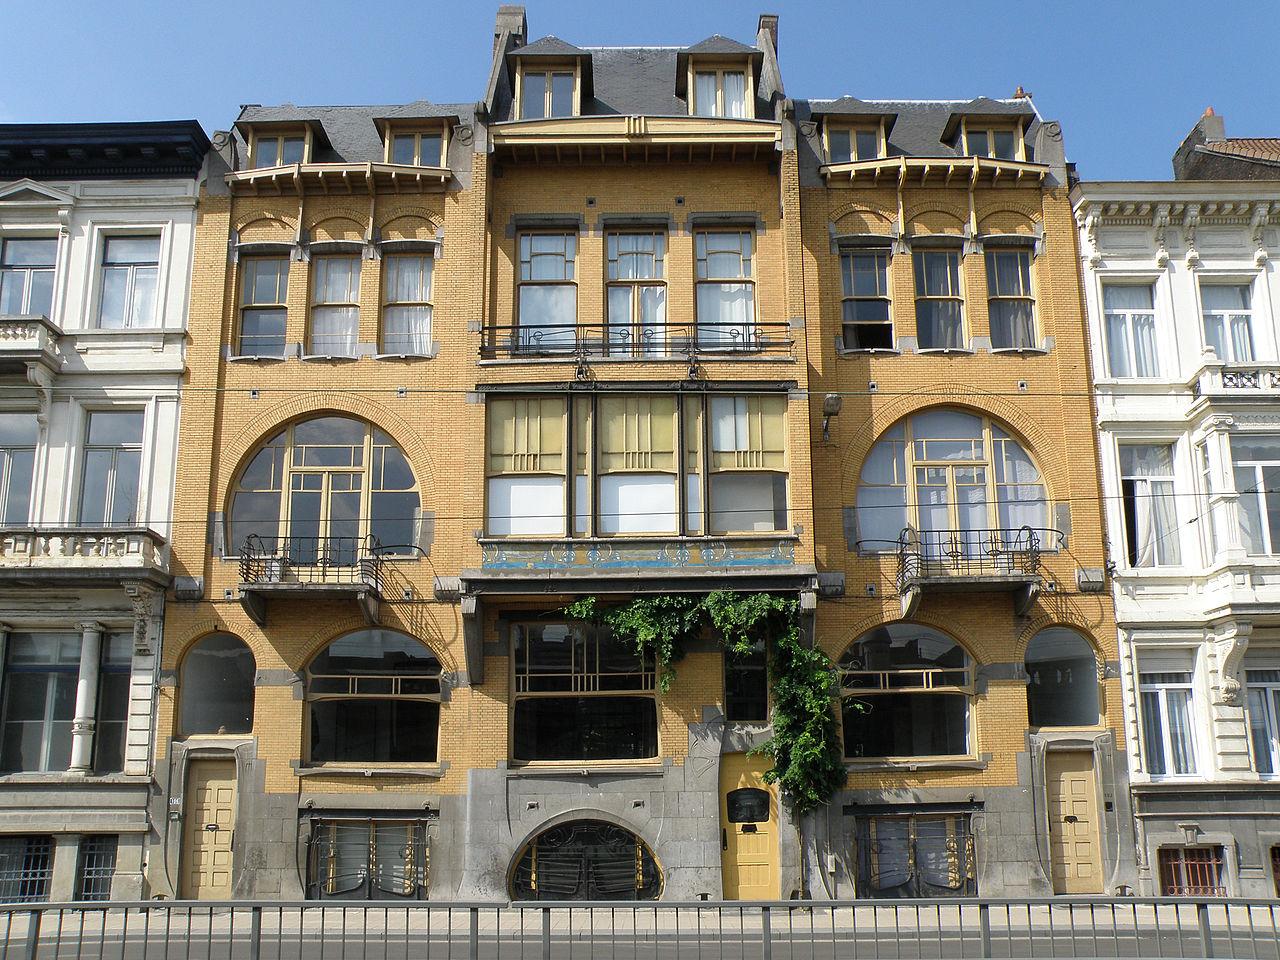 1280px-Antwerpen_Mercatorstraat_n°102-106_(1)_.psd.jpg